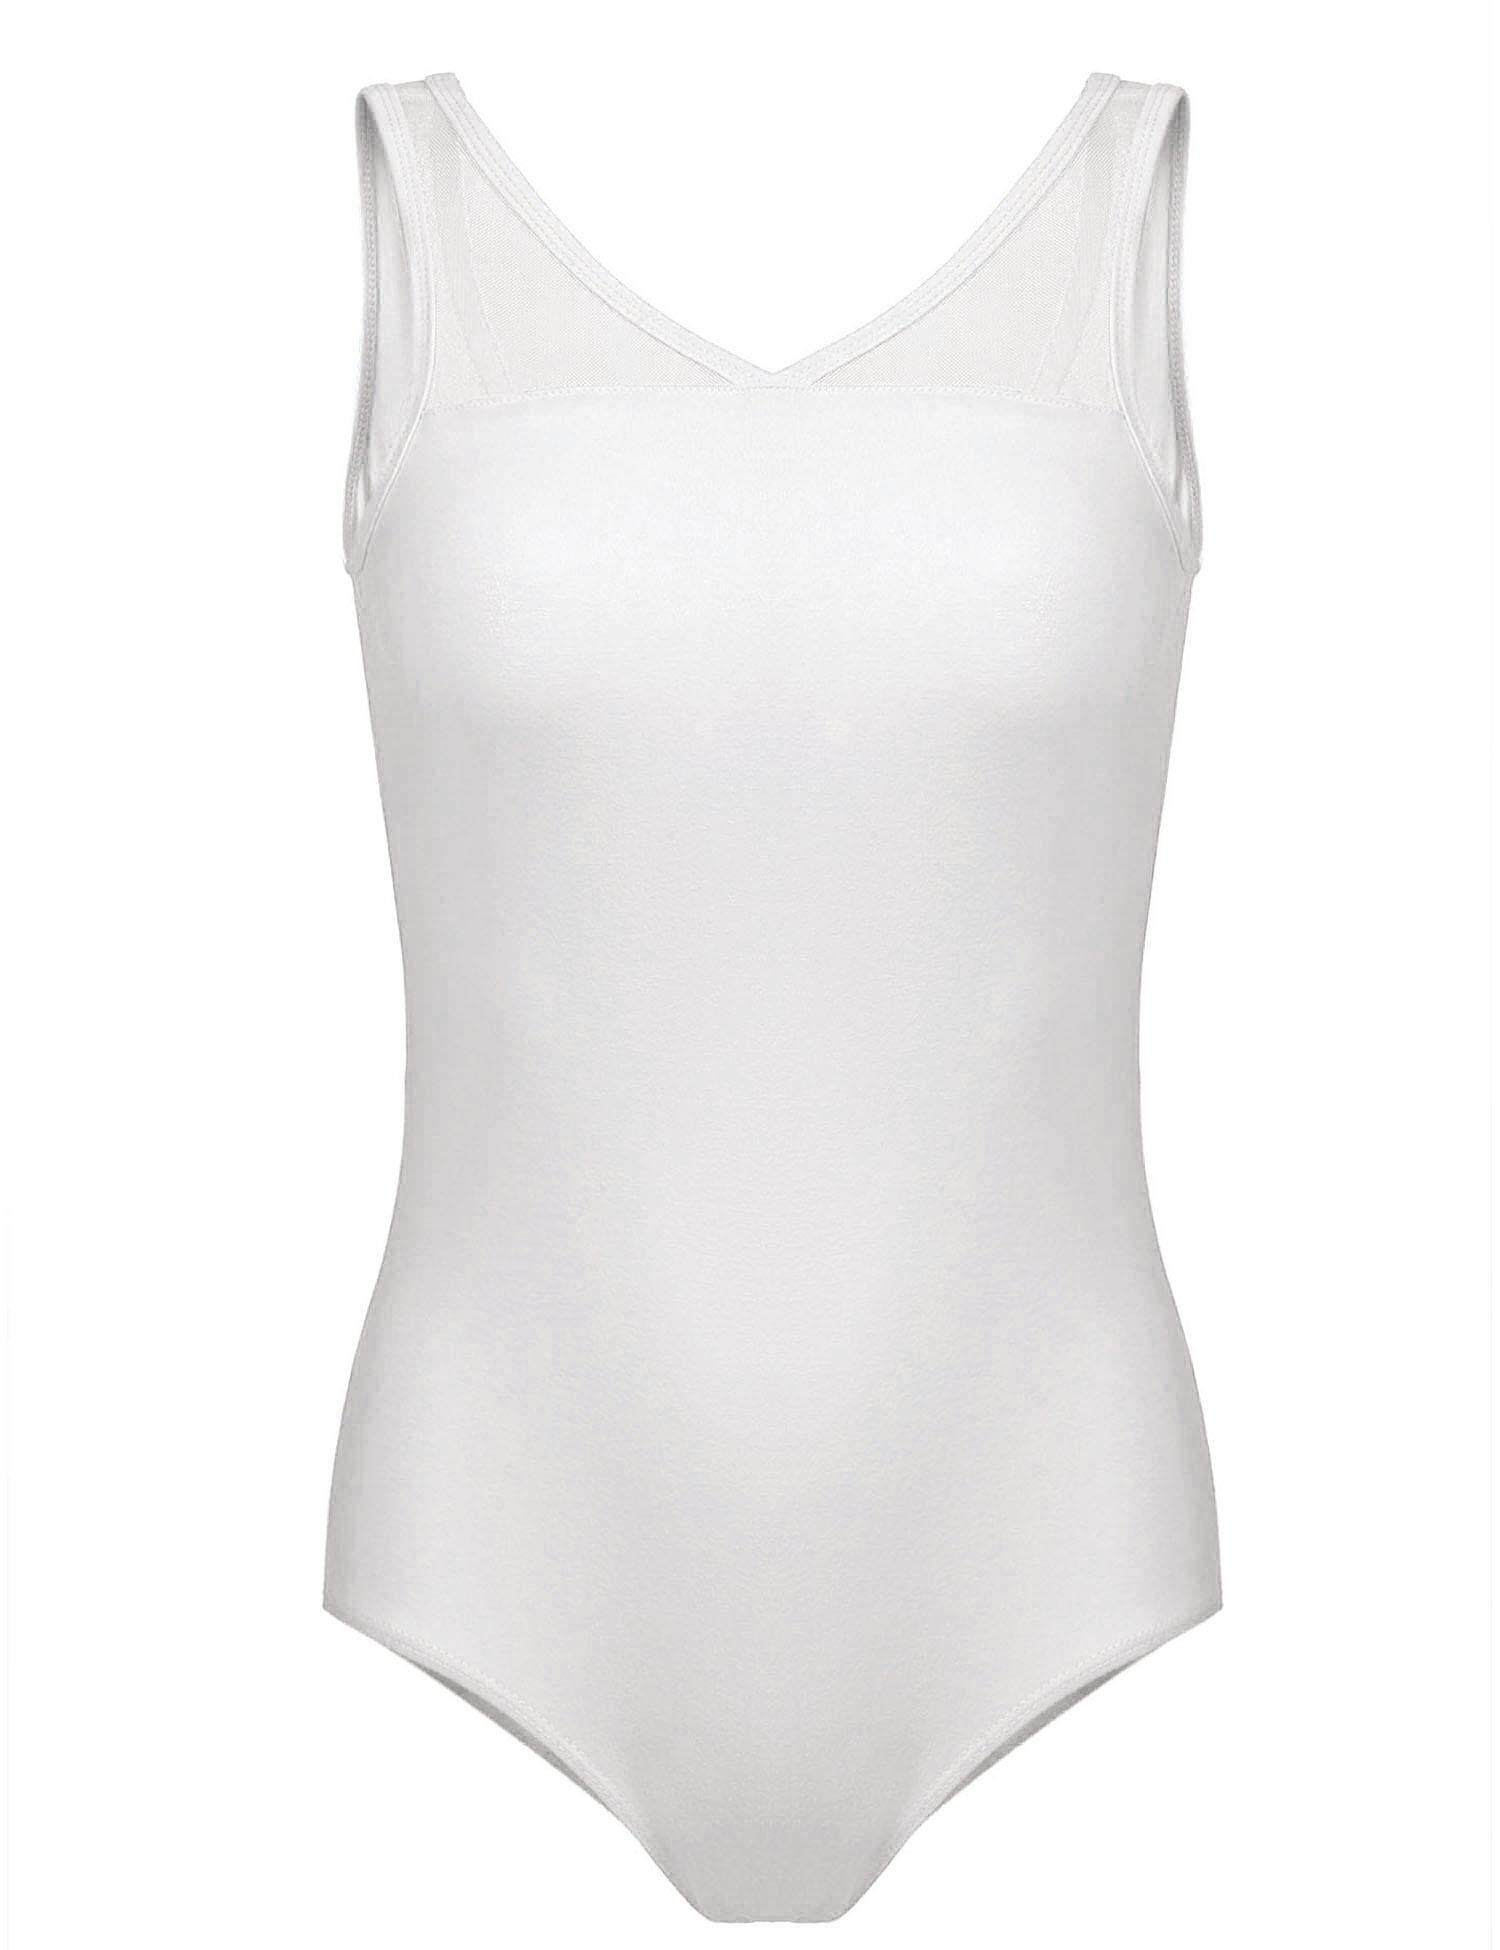 ผู้ขายที่ดีที่สุด Sunweb ผู้หญิงยิมนาสติกแขนกุด Dancewear ตาข่ายถังกางเกงแนบเนื้อที่พวกเล่นละครสวม - นานาชาติ.